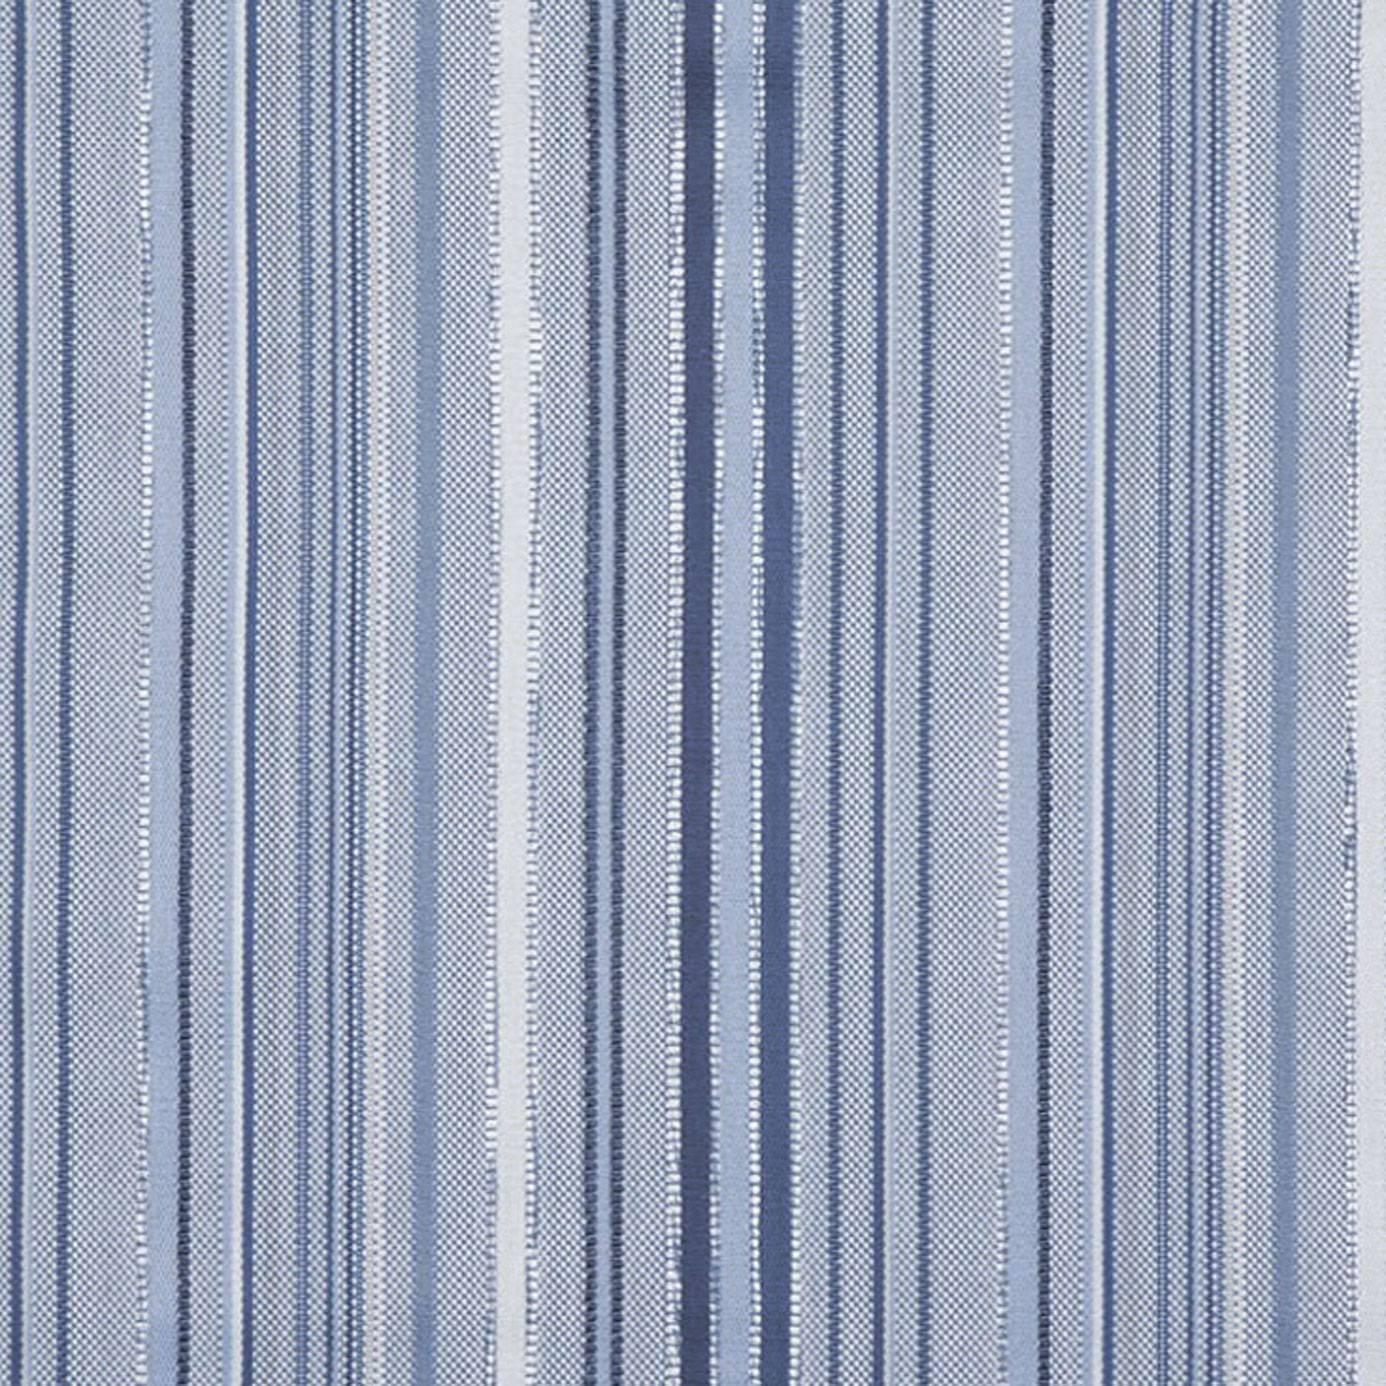 Giovanni Fabric Delft Flgi 04 Fibre Naturelle